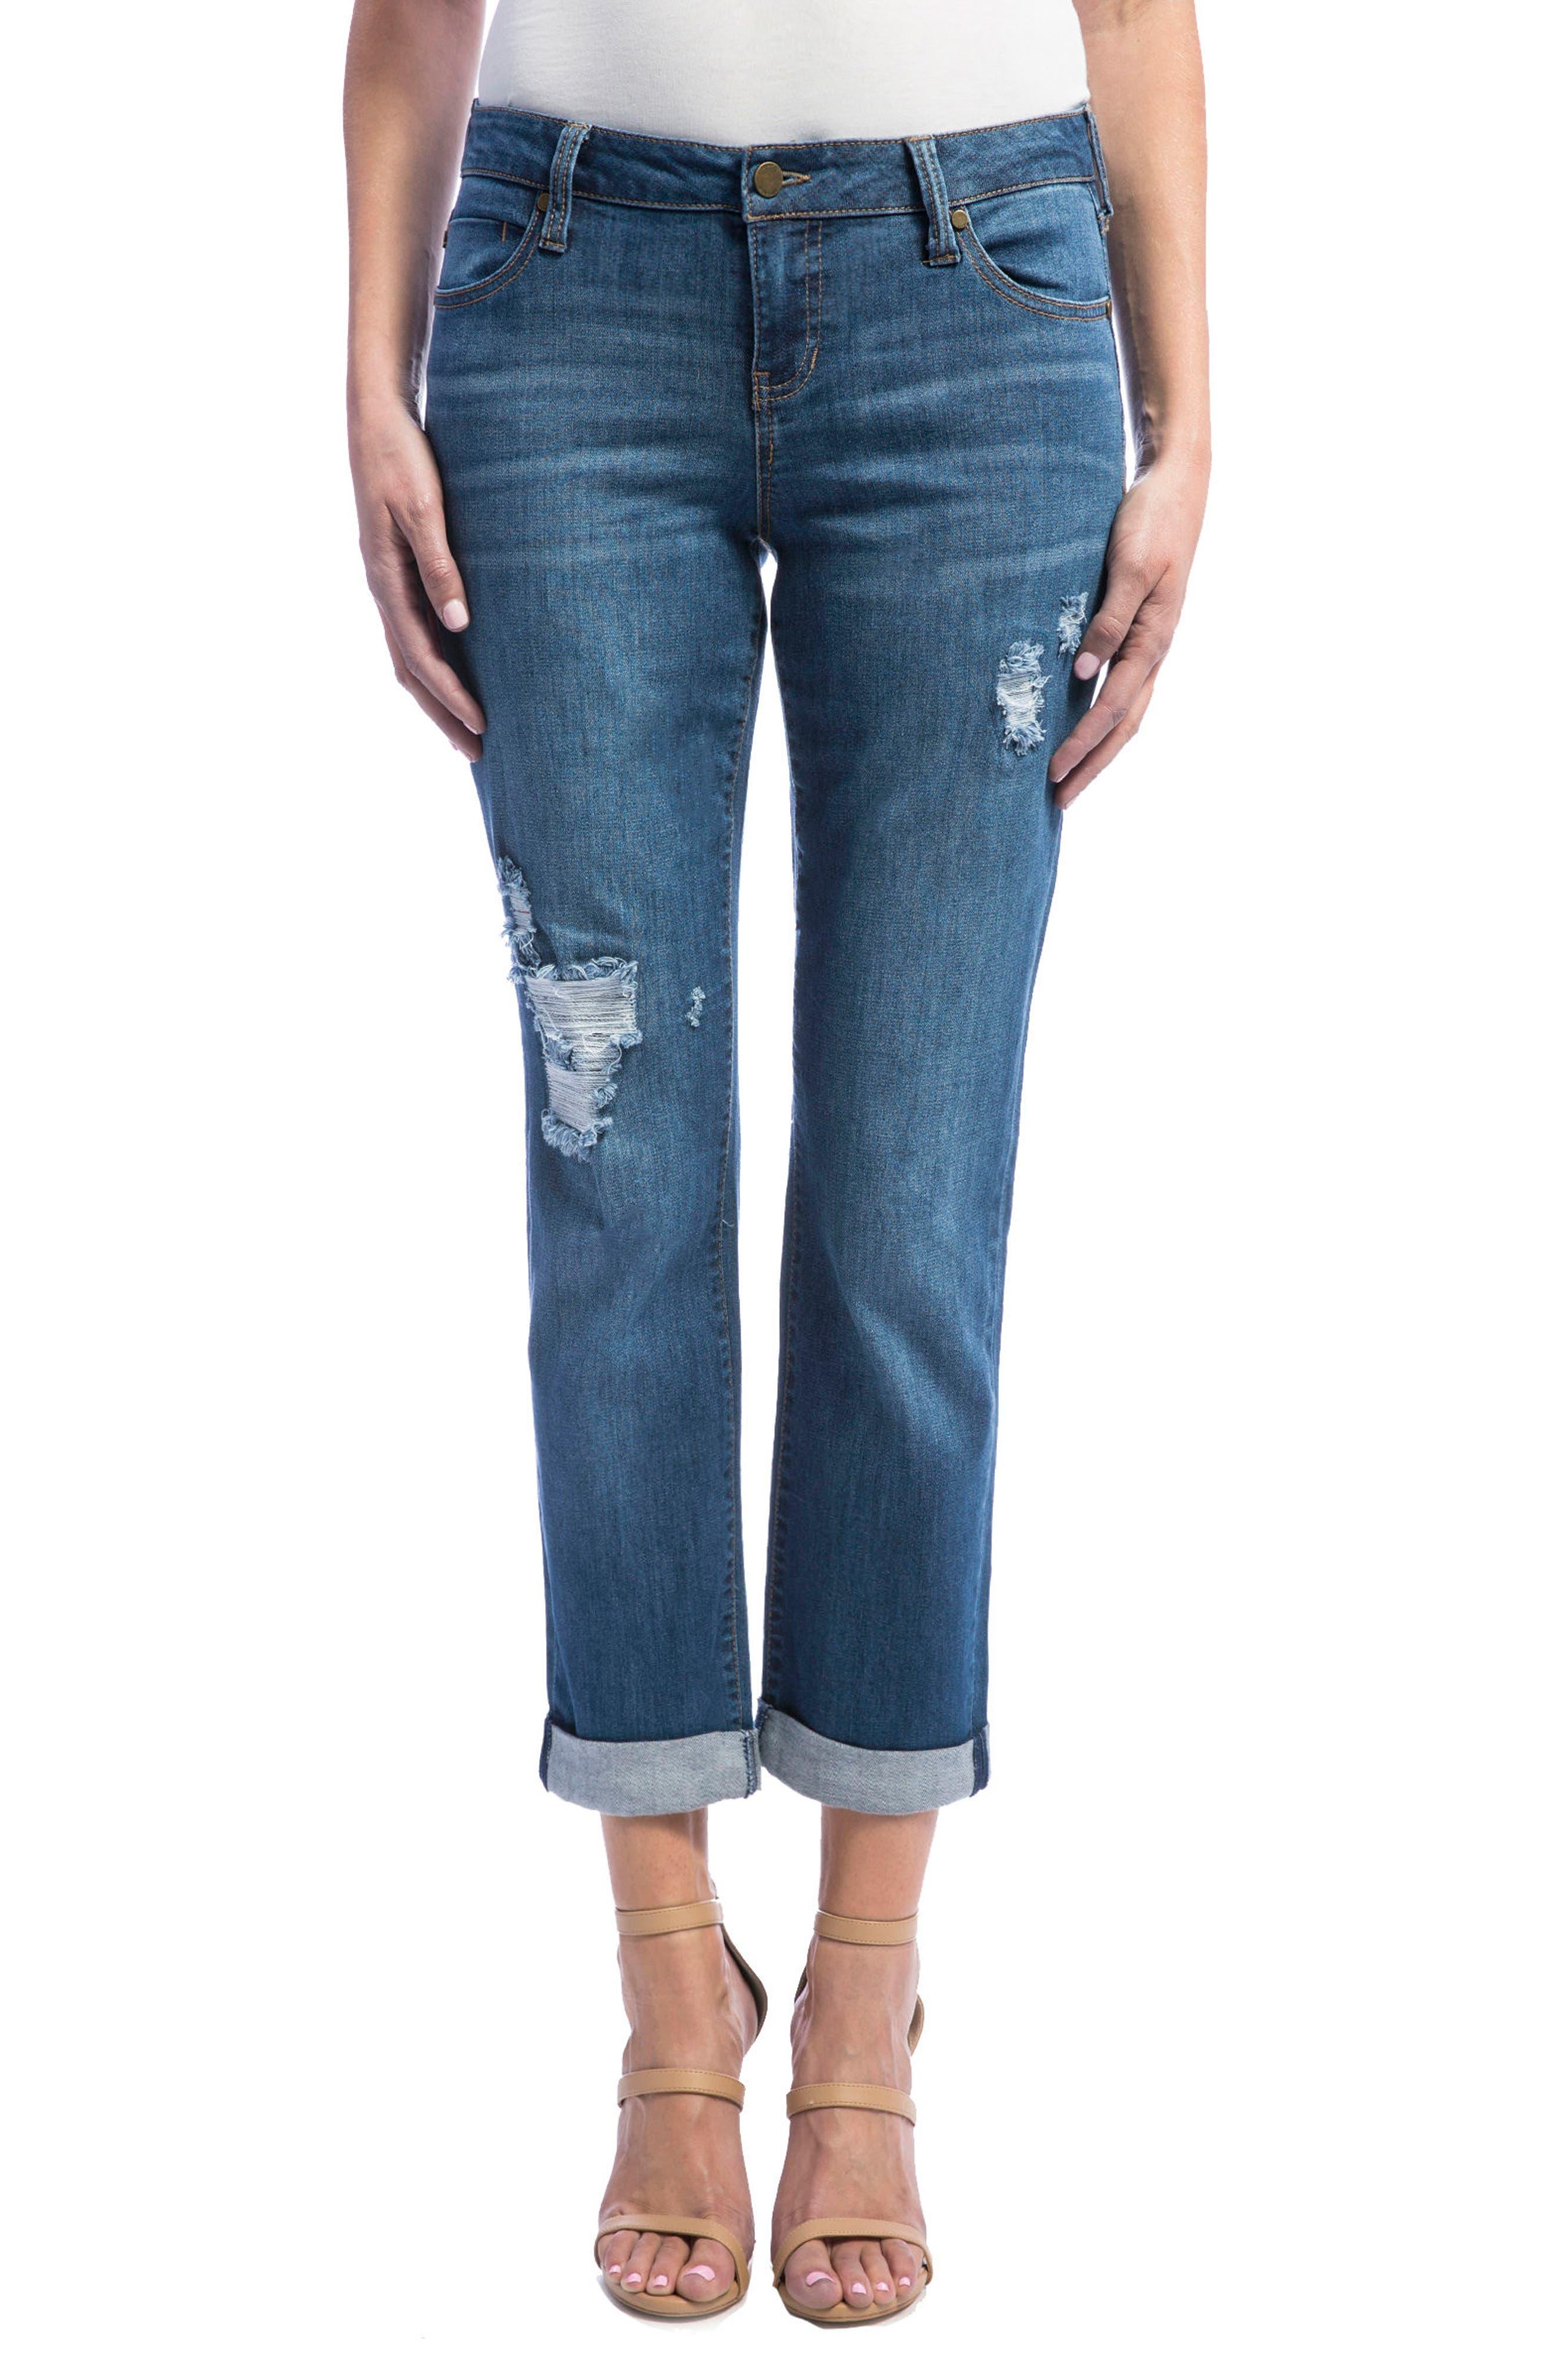 Jeans Company Peyton Slim Stretch Crop Boyfriend Jeans,                             Main thumbnail 1, color,                             Montauk Mid/ Destruction